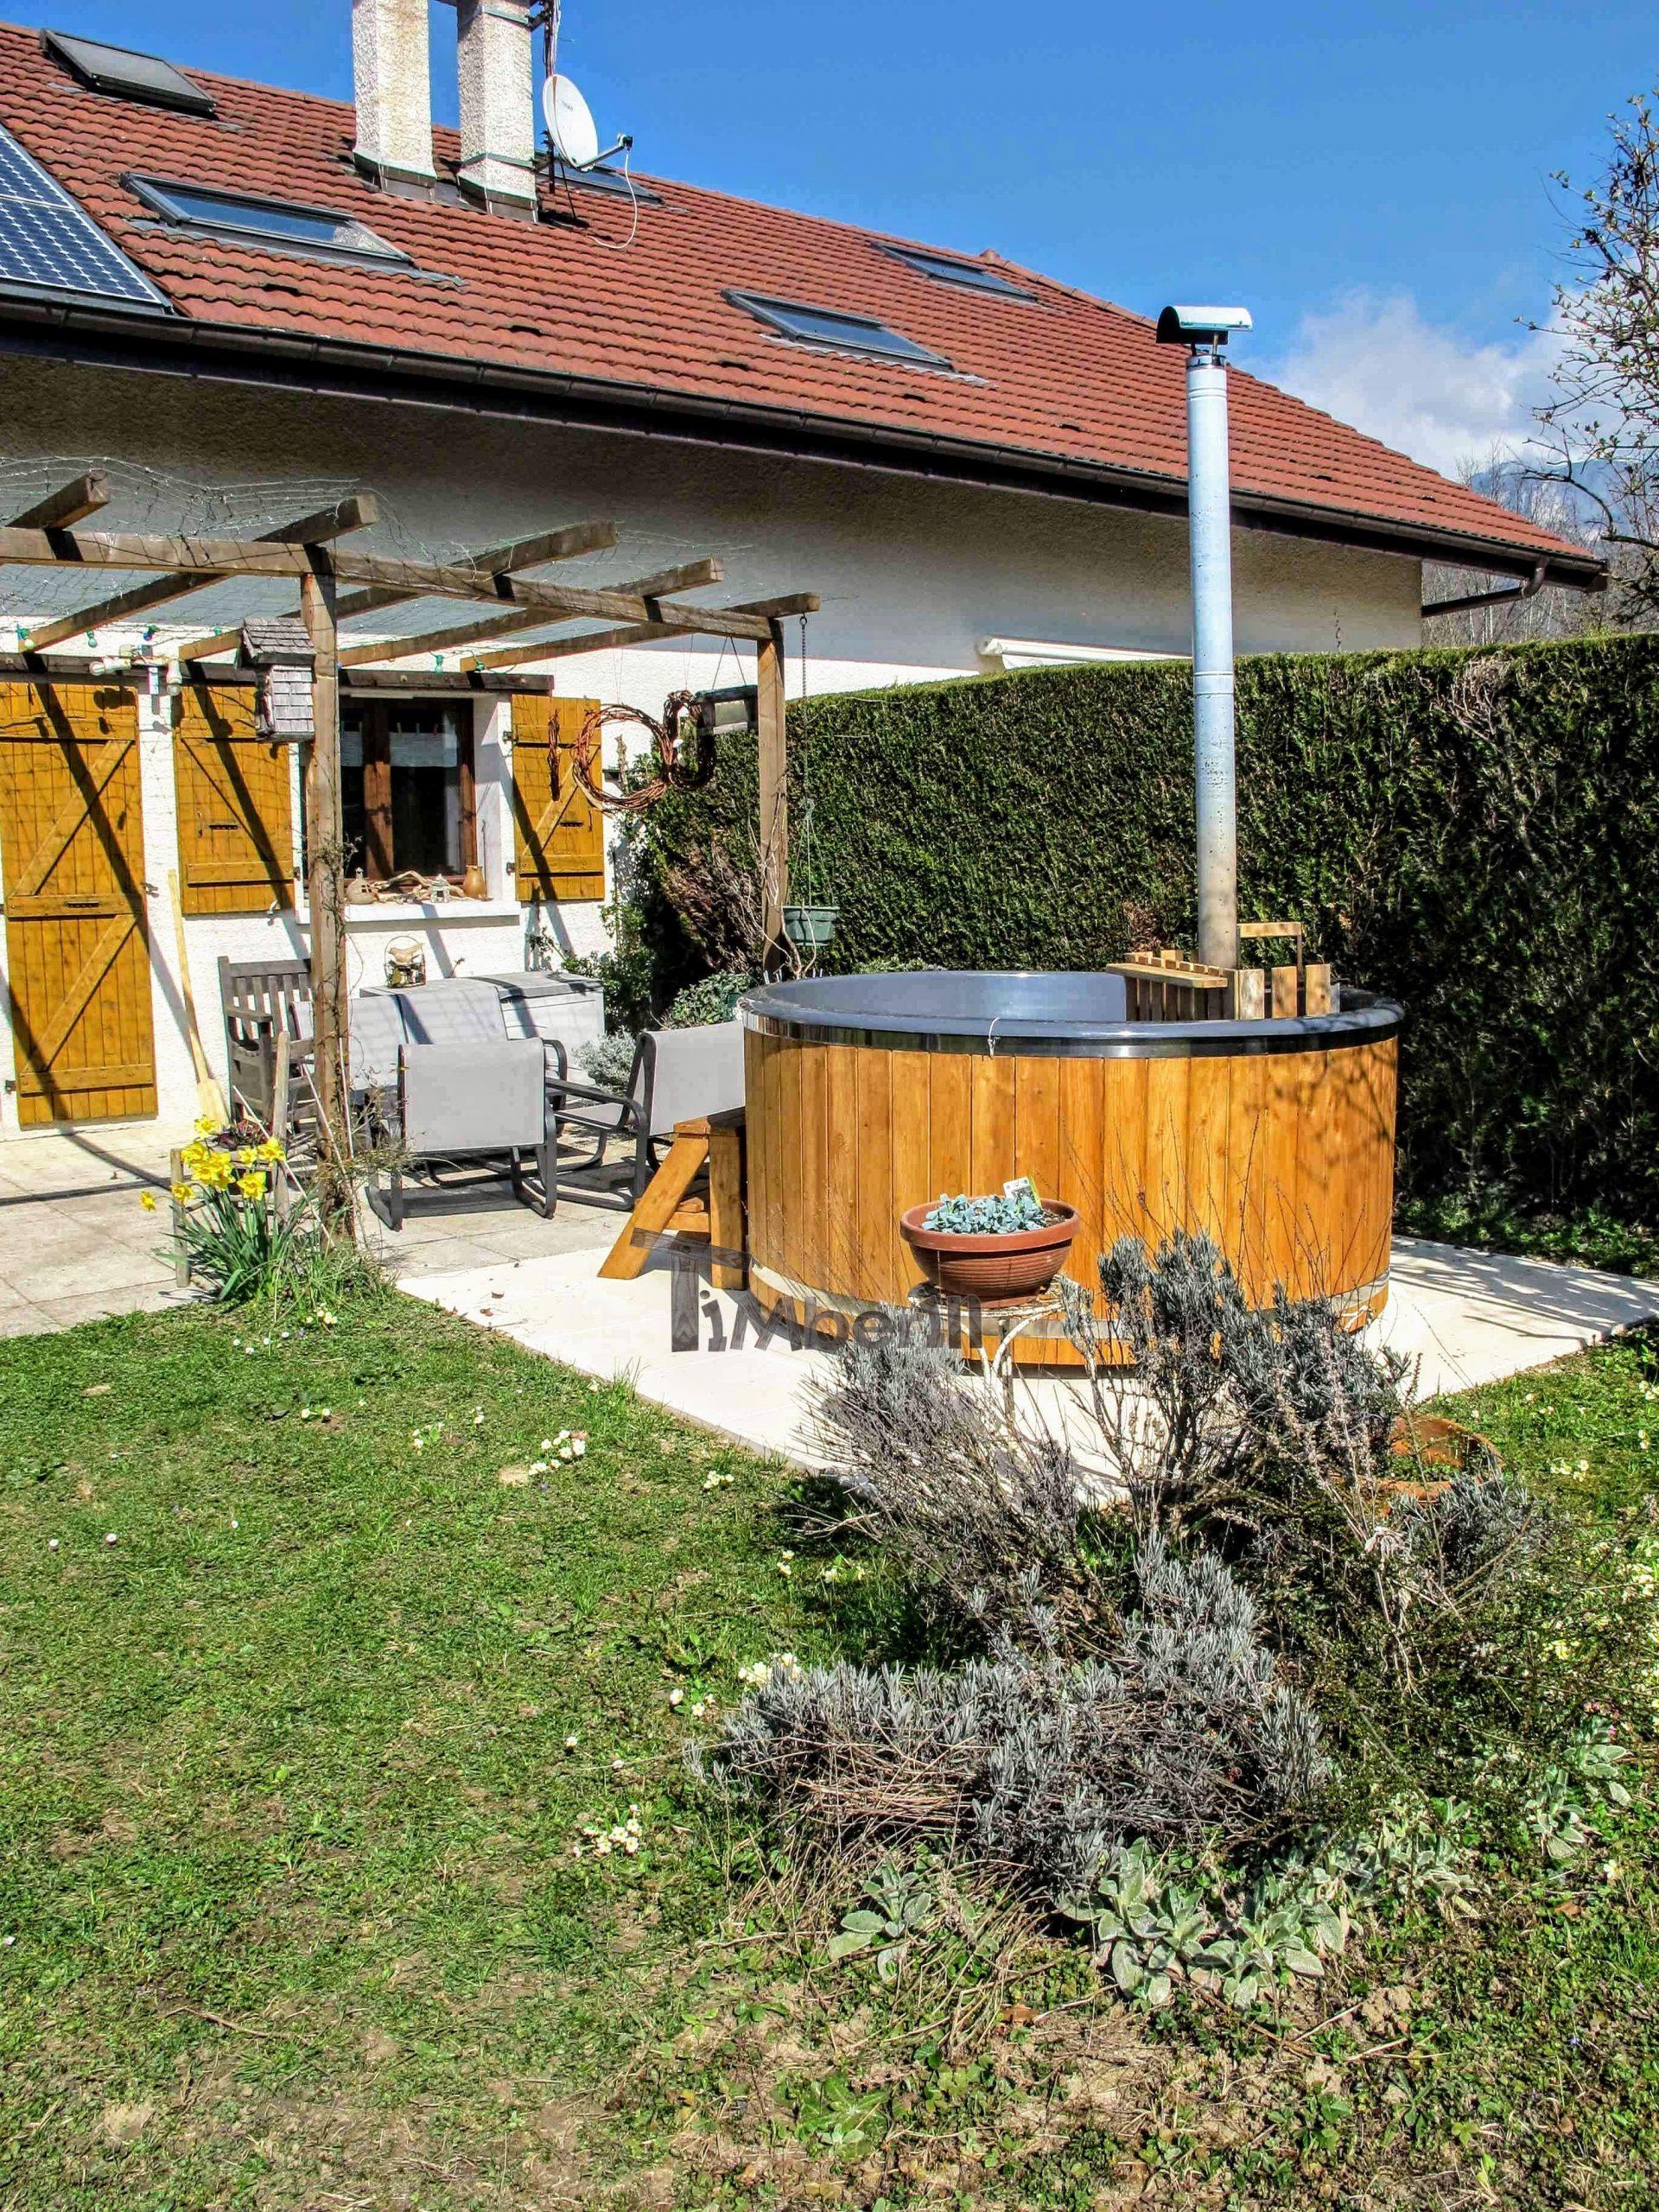 Holz Whirlpool für draußen Holzheizung 1 scaled